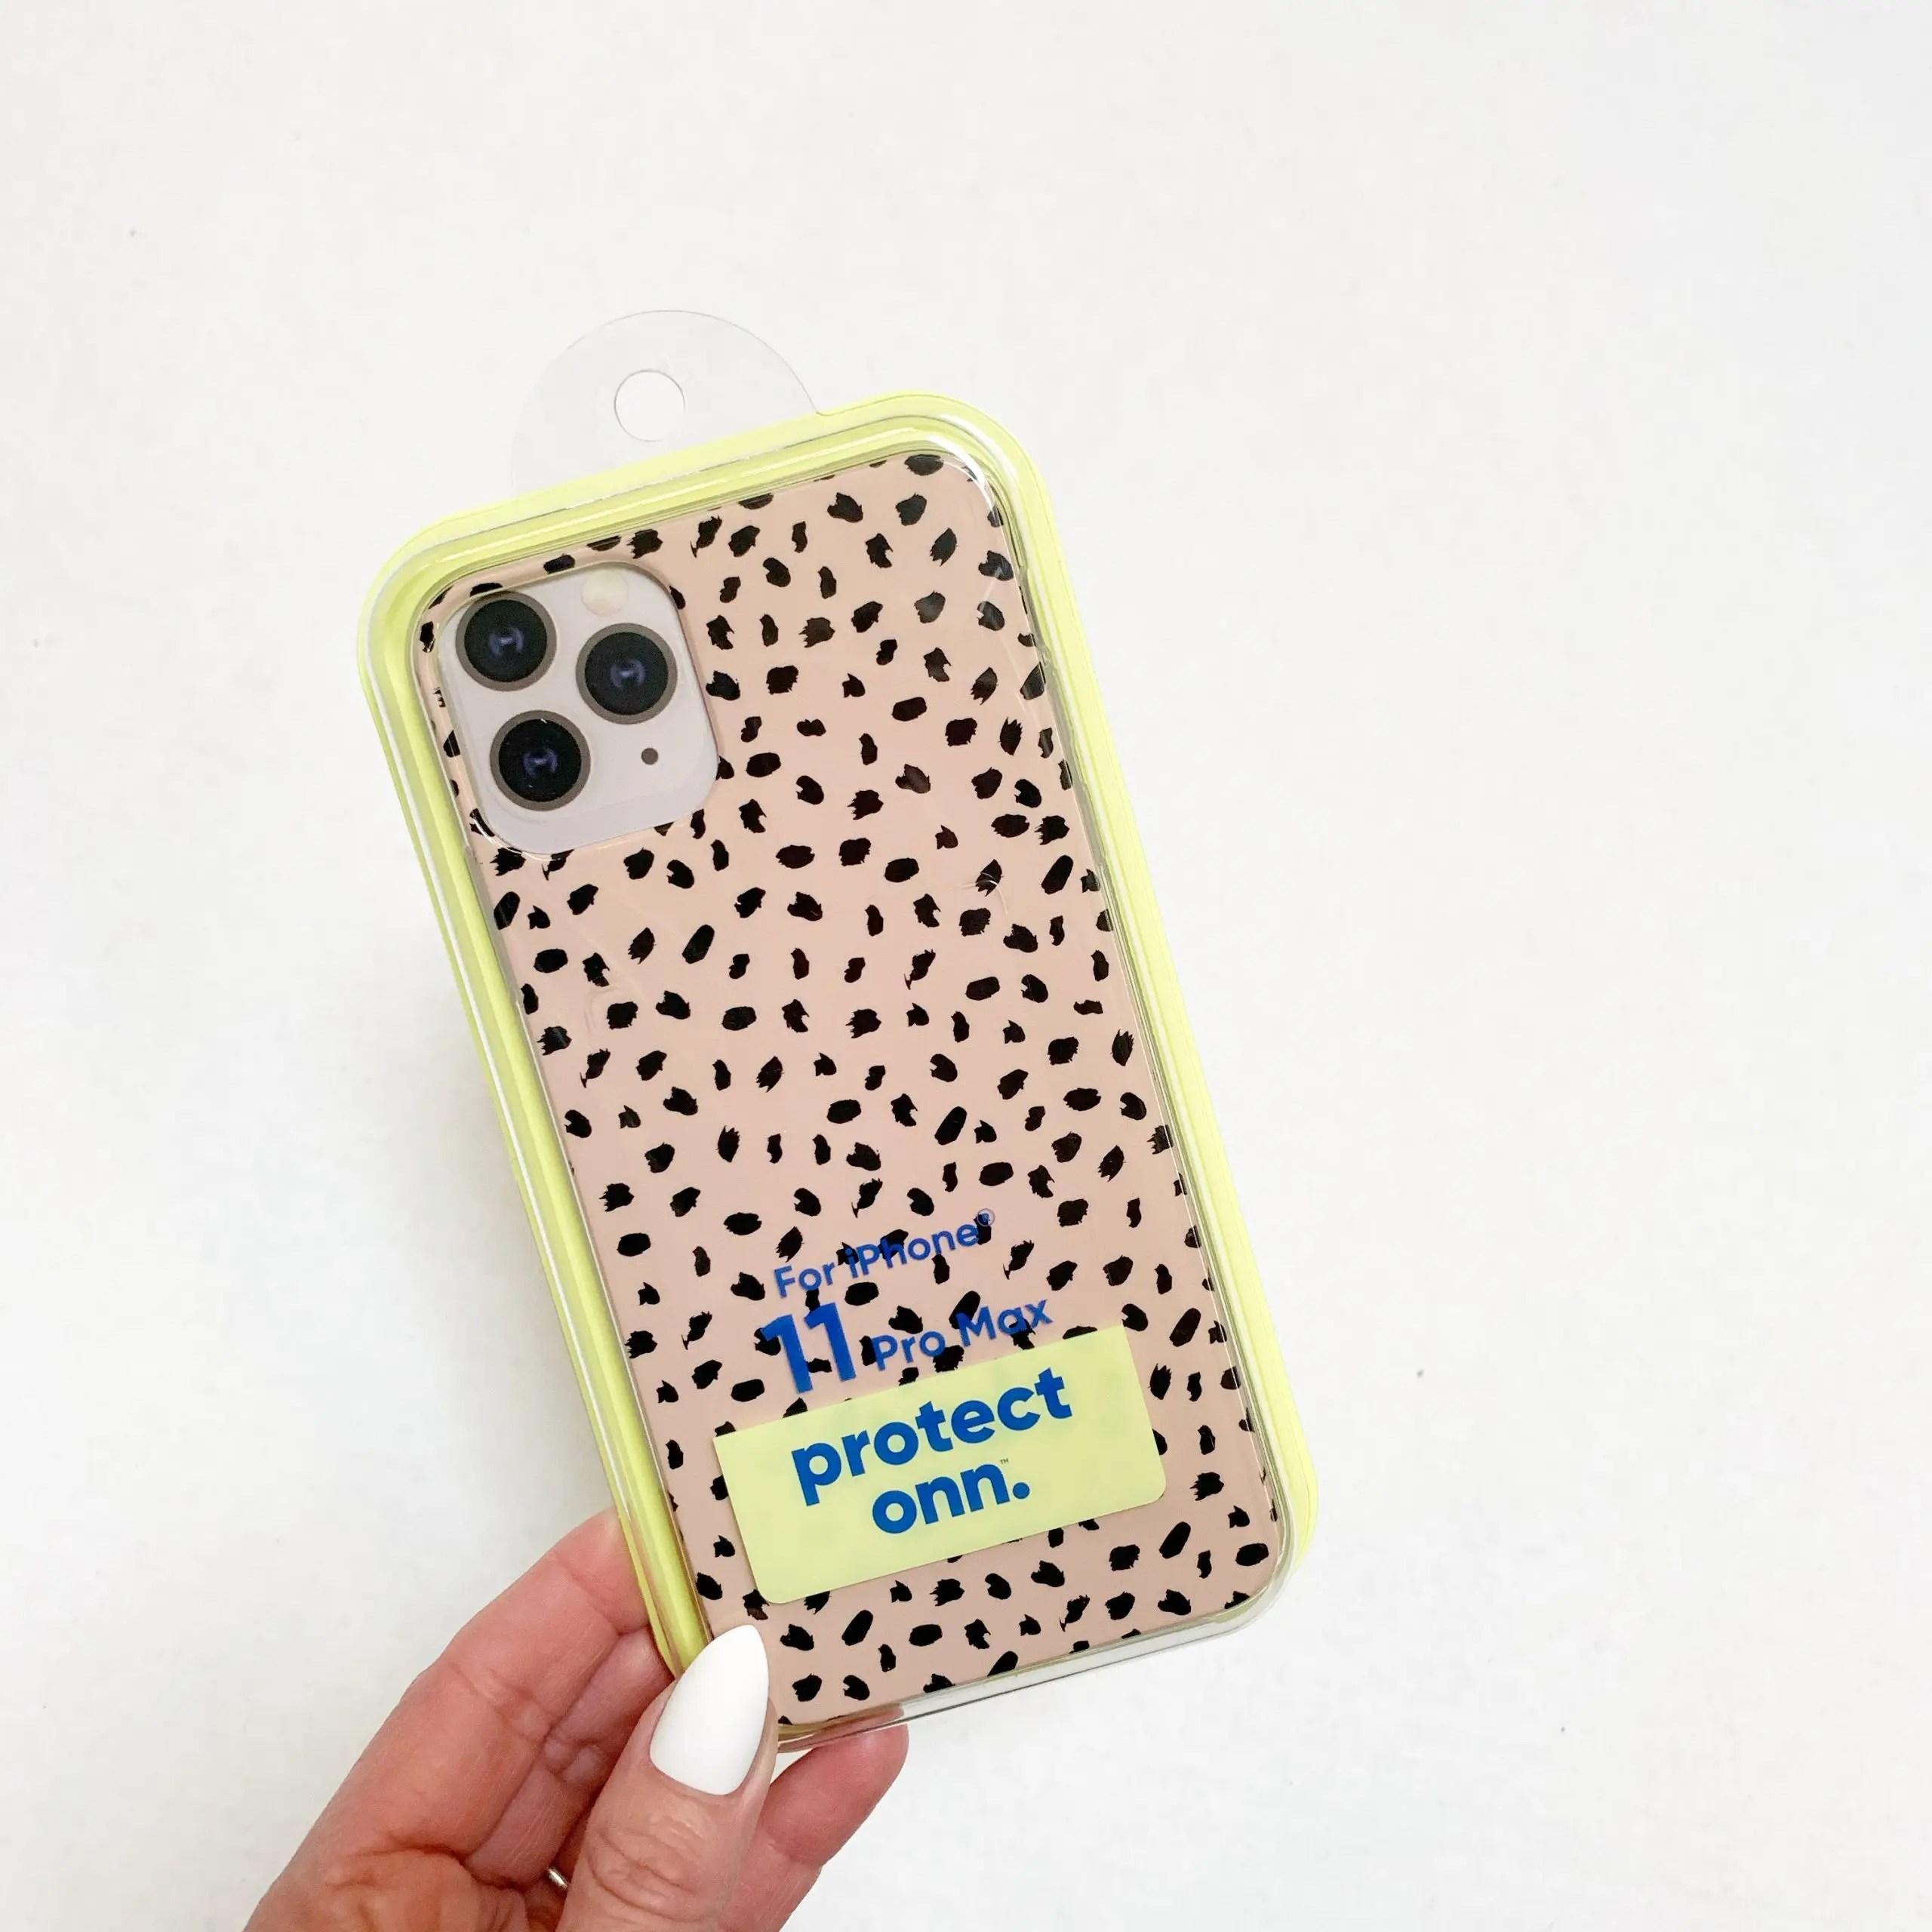 onn. iPhone case - cheetah print iPhone case